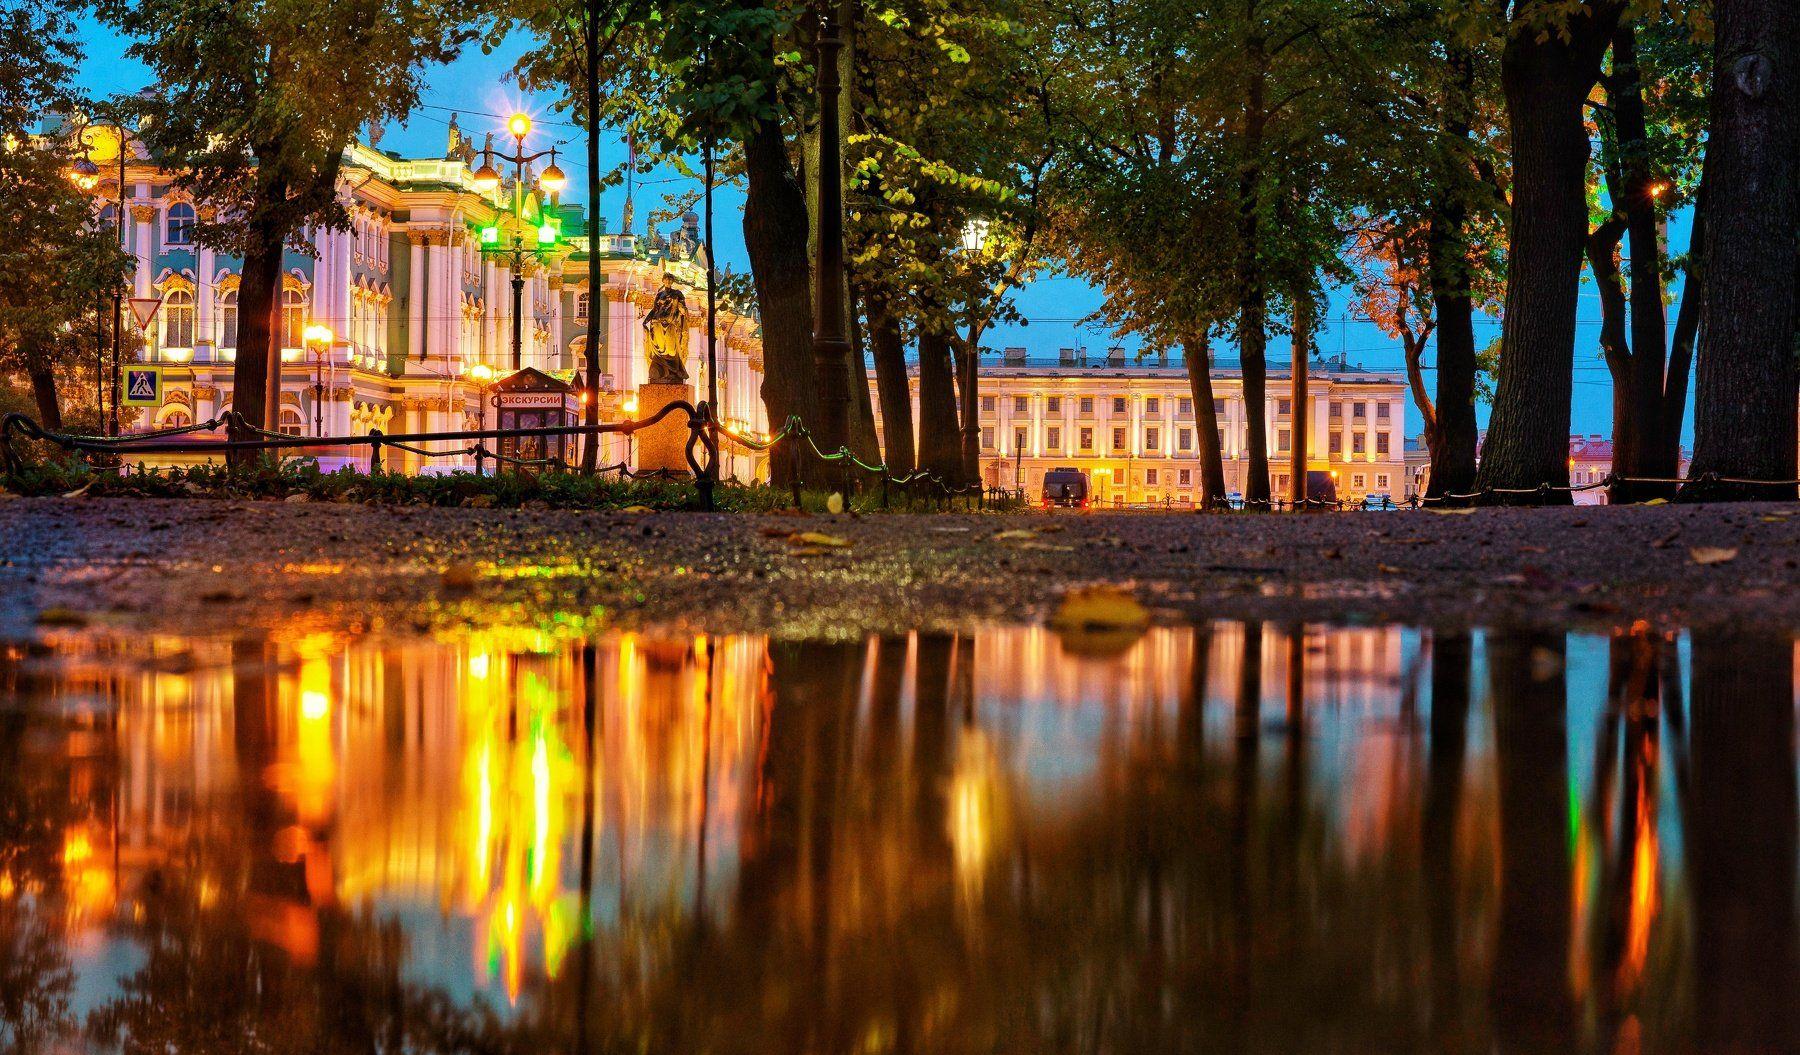 город, вечер, парк, отражение, деревья, лужи, дворцовая площадь, Татьяна Пименкова